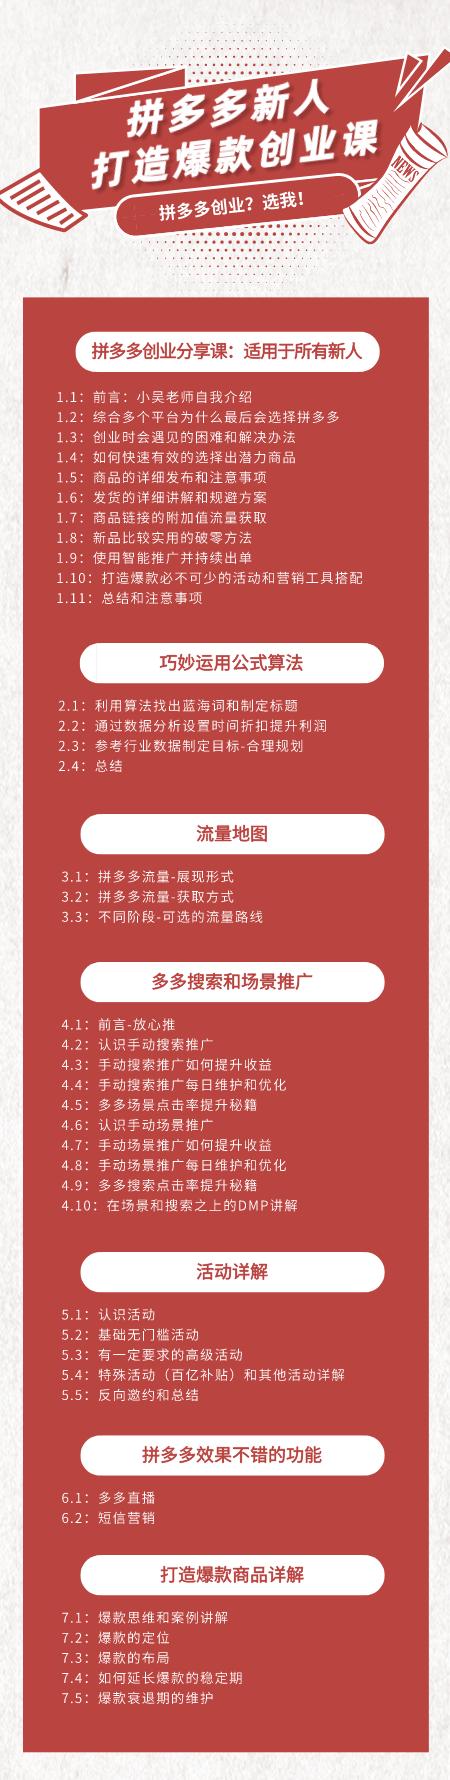 副本_未命名_自定义px_2021-03-01-0.